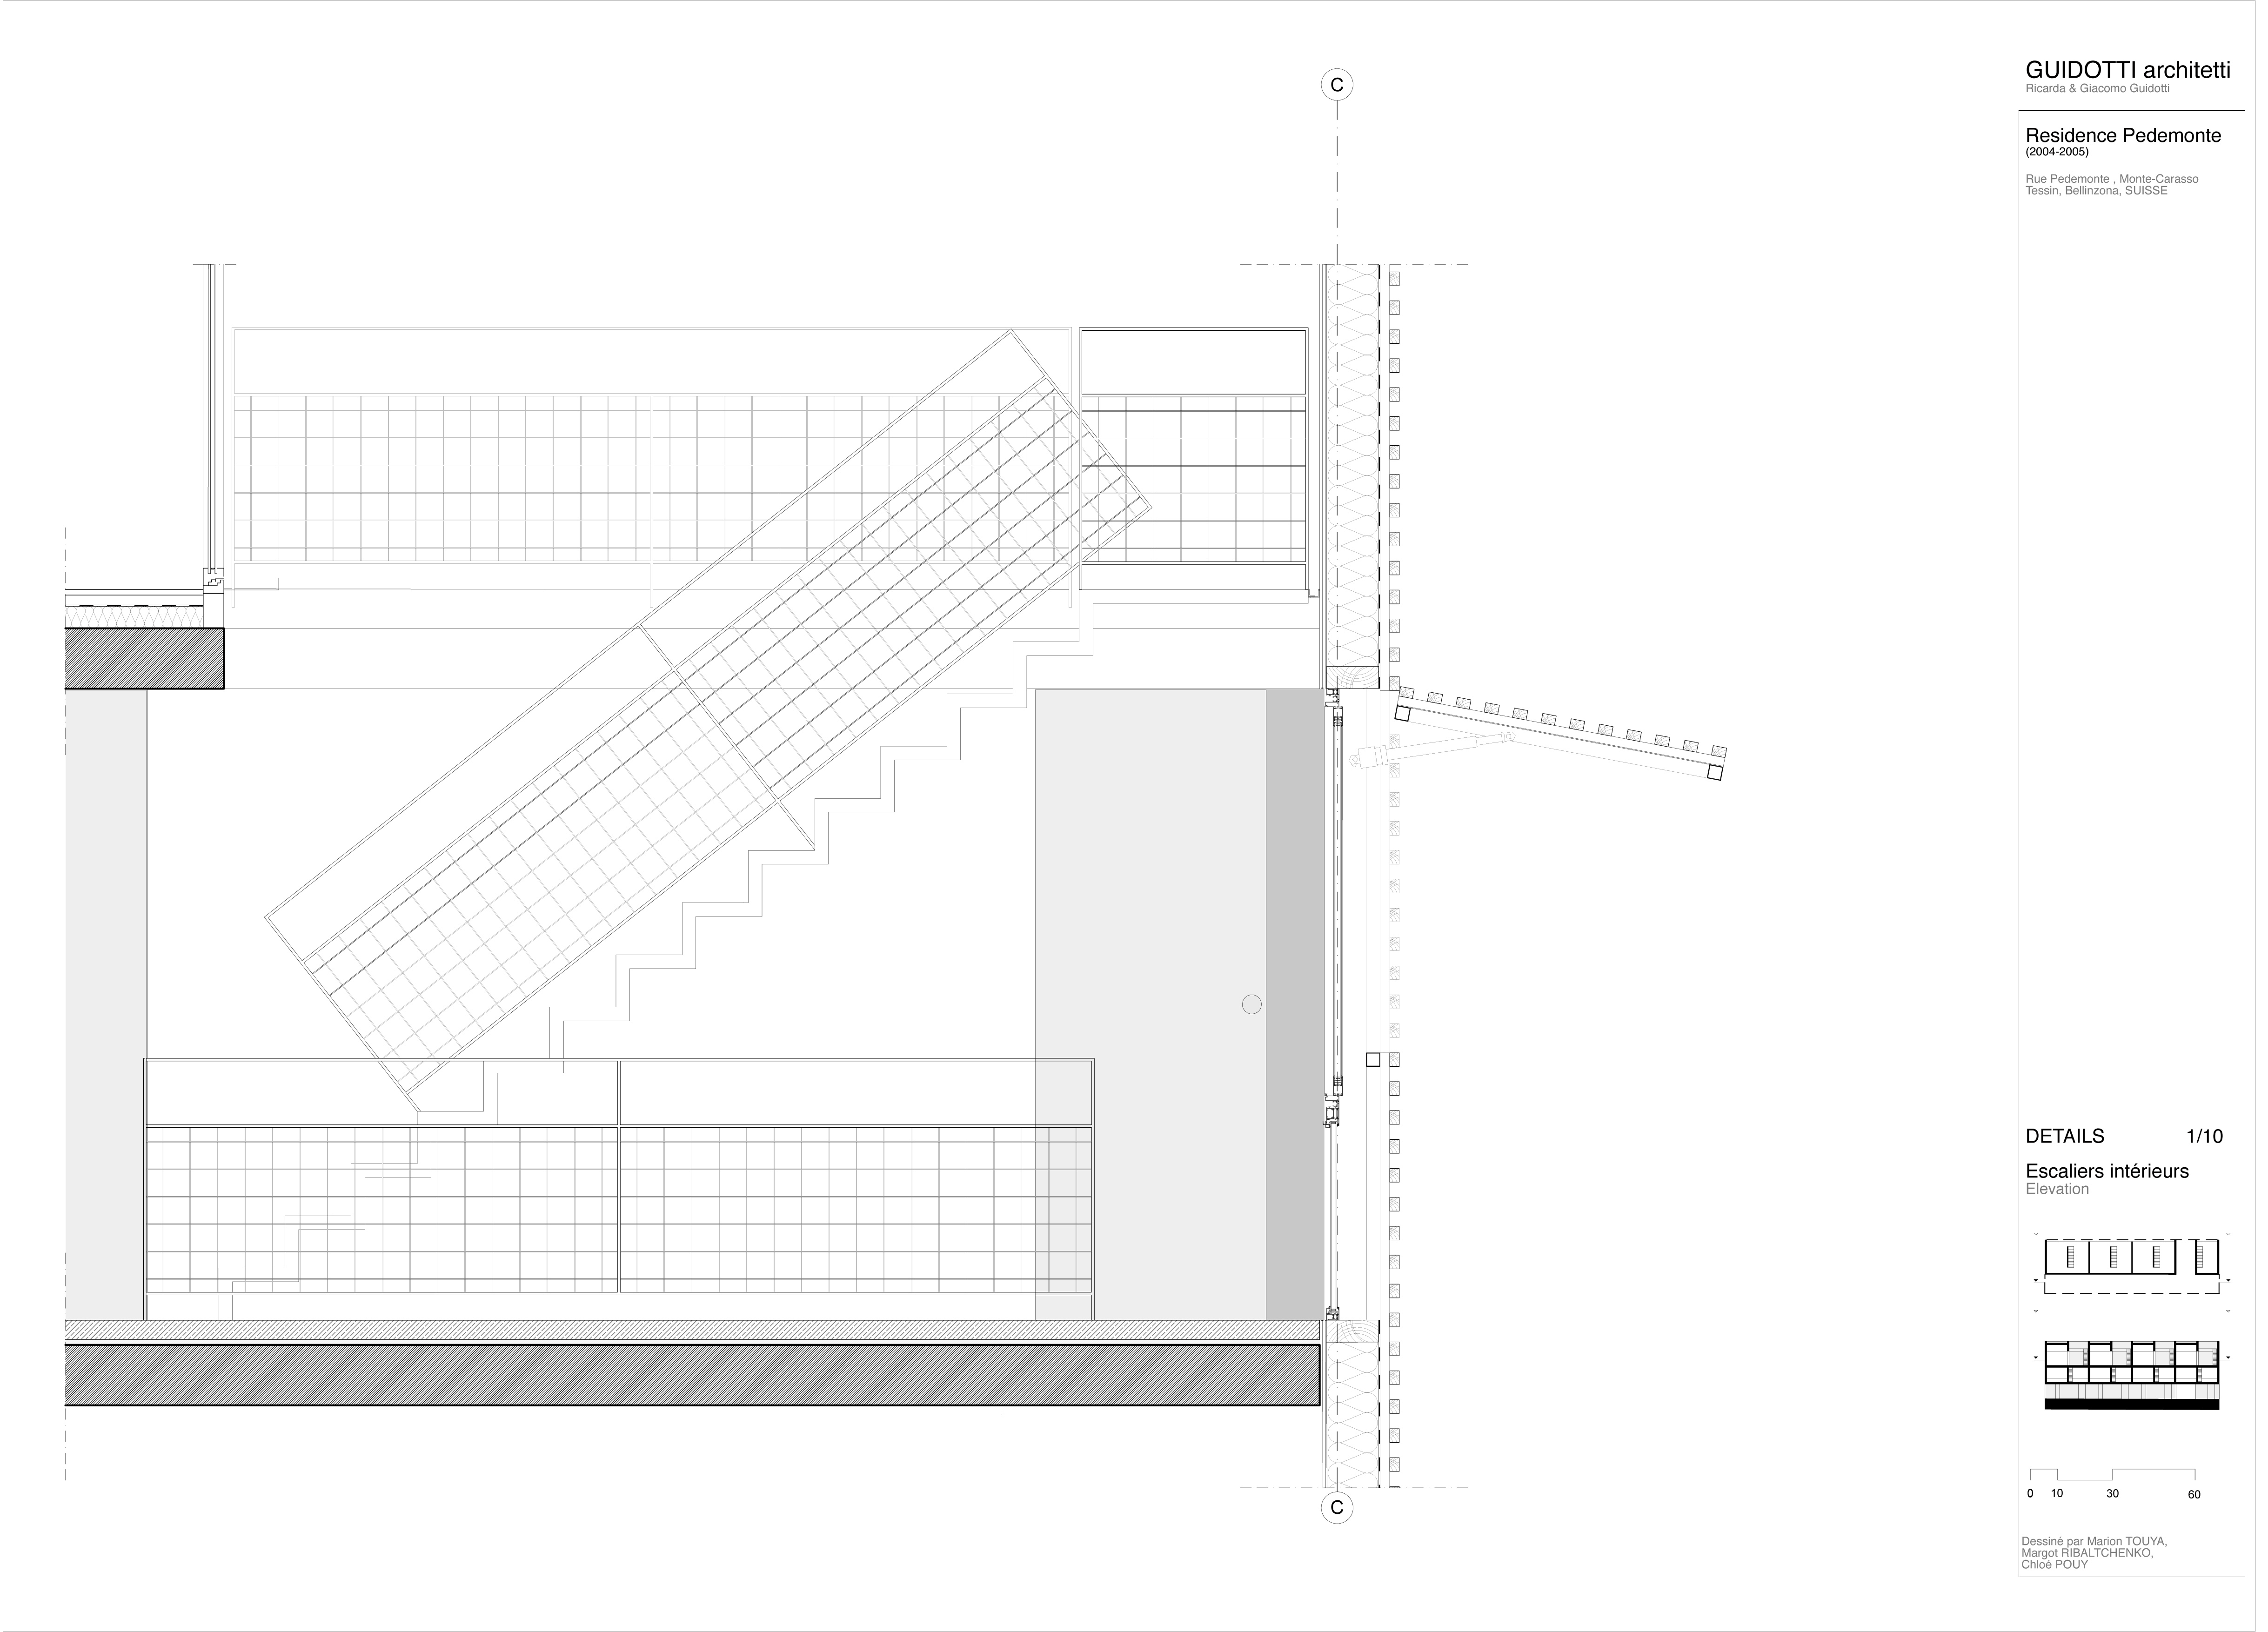 12-ENSA-1011_S62_Escalier INT 01 PED